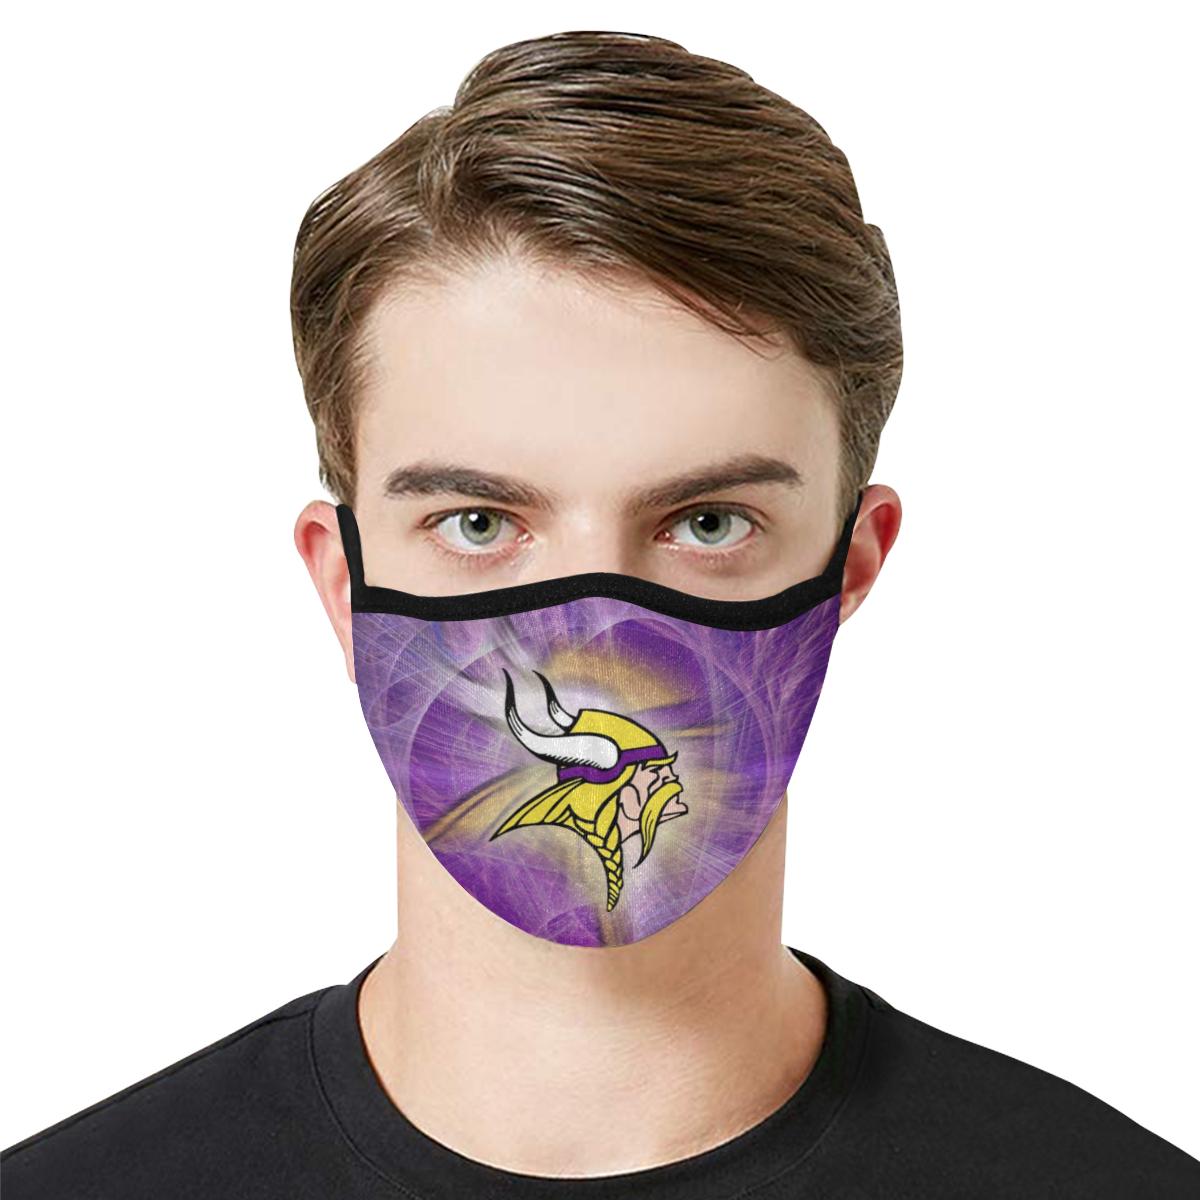 National football league minnesota vikings cotton face mask 2